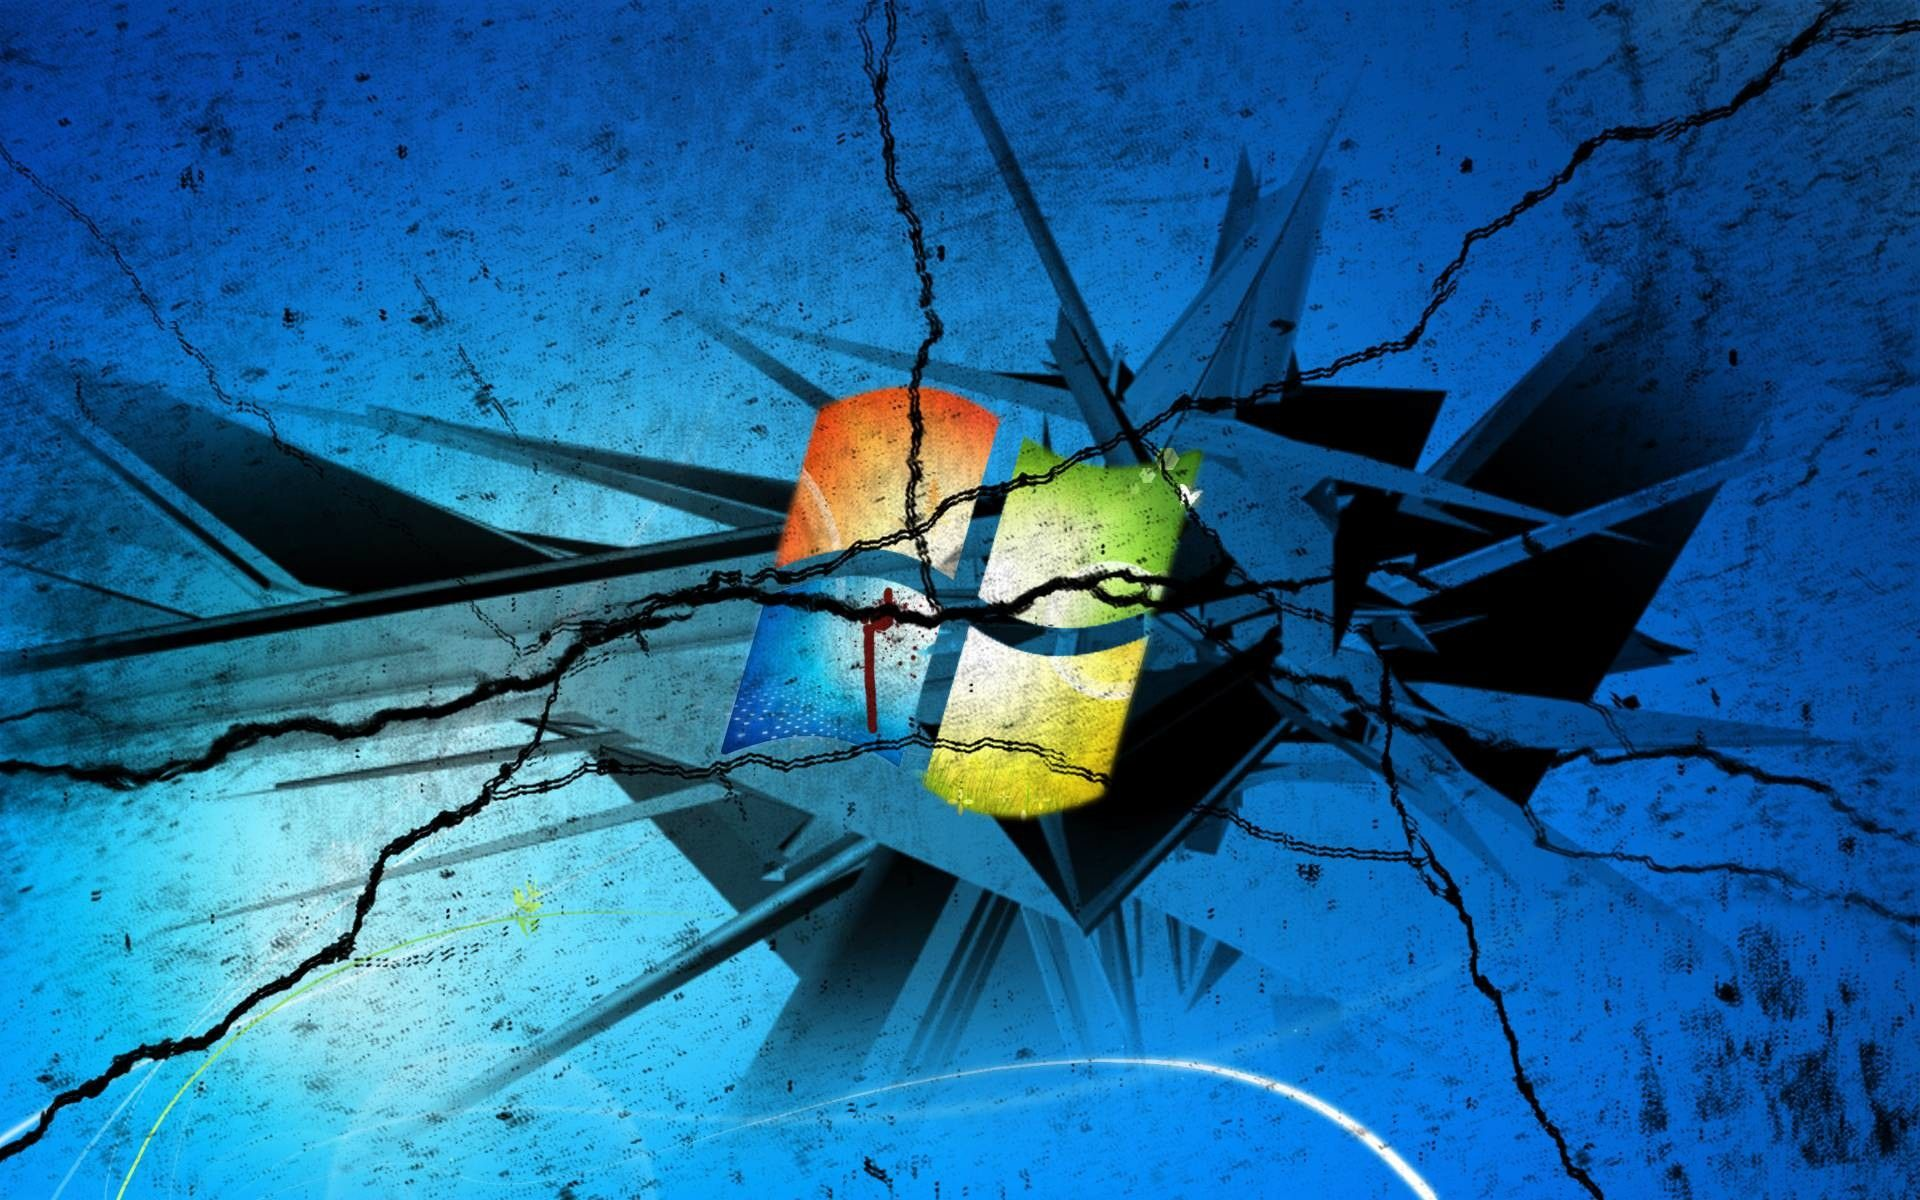 Windows 10 Wallpaper Broken Mywallpapers Site In 2020 Computer Screen Wallpaper Broken Screen Wallpaper Screen Wallpaper